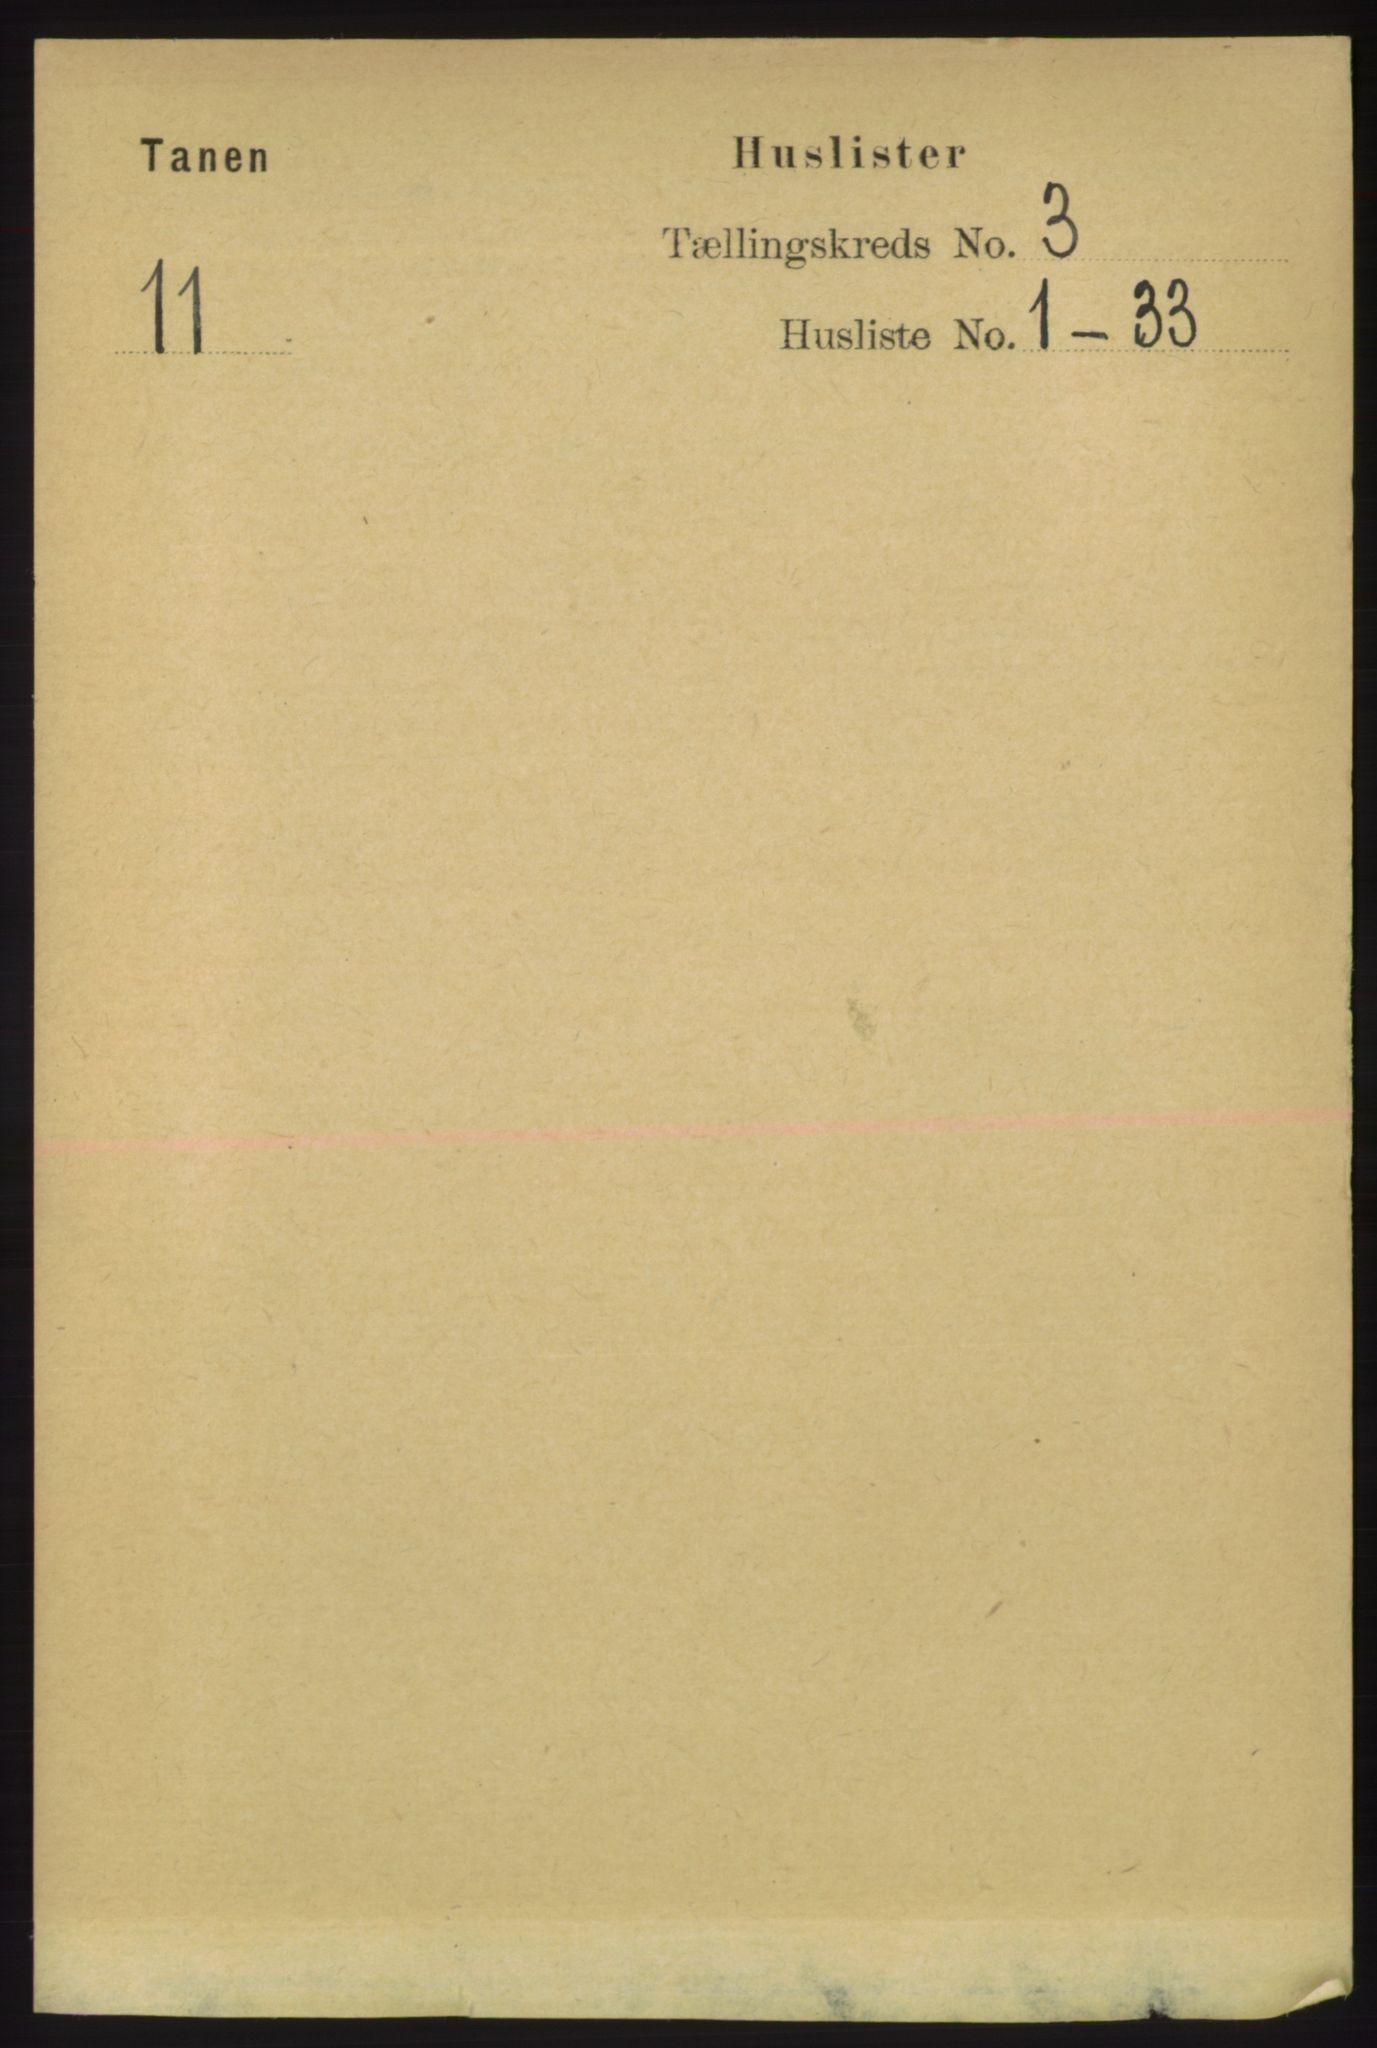 RA, Folketelling 1891 for 2025 Tana herred, 1891, s. 1469